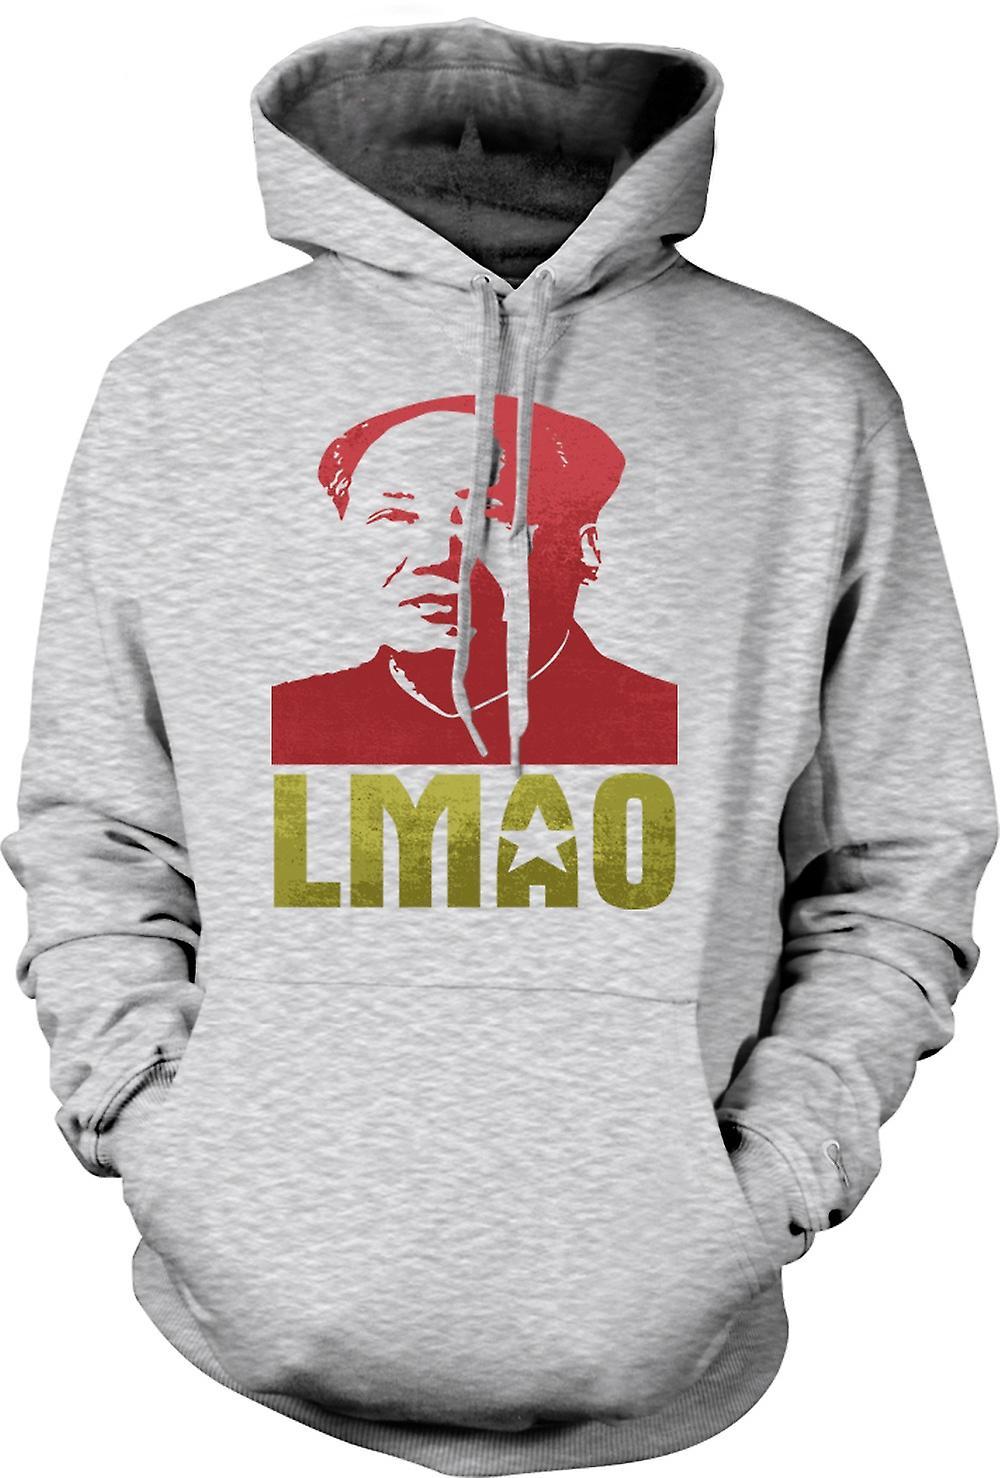 Mens Hoodie - LMAO Voorzitter Mao - Funny